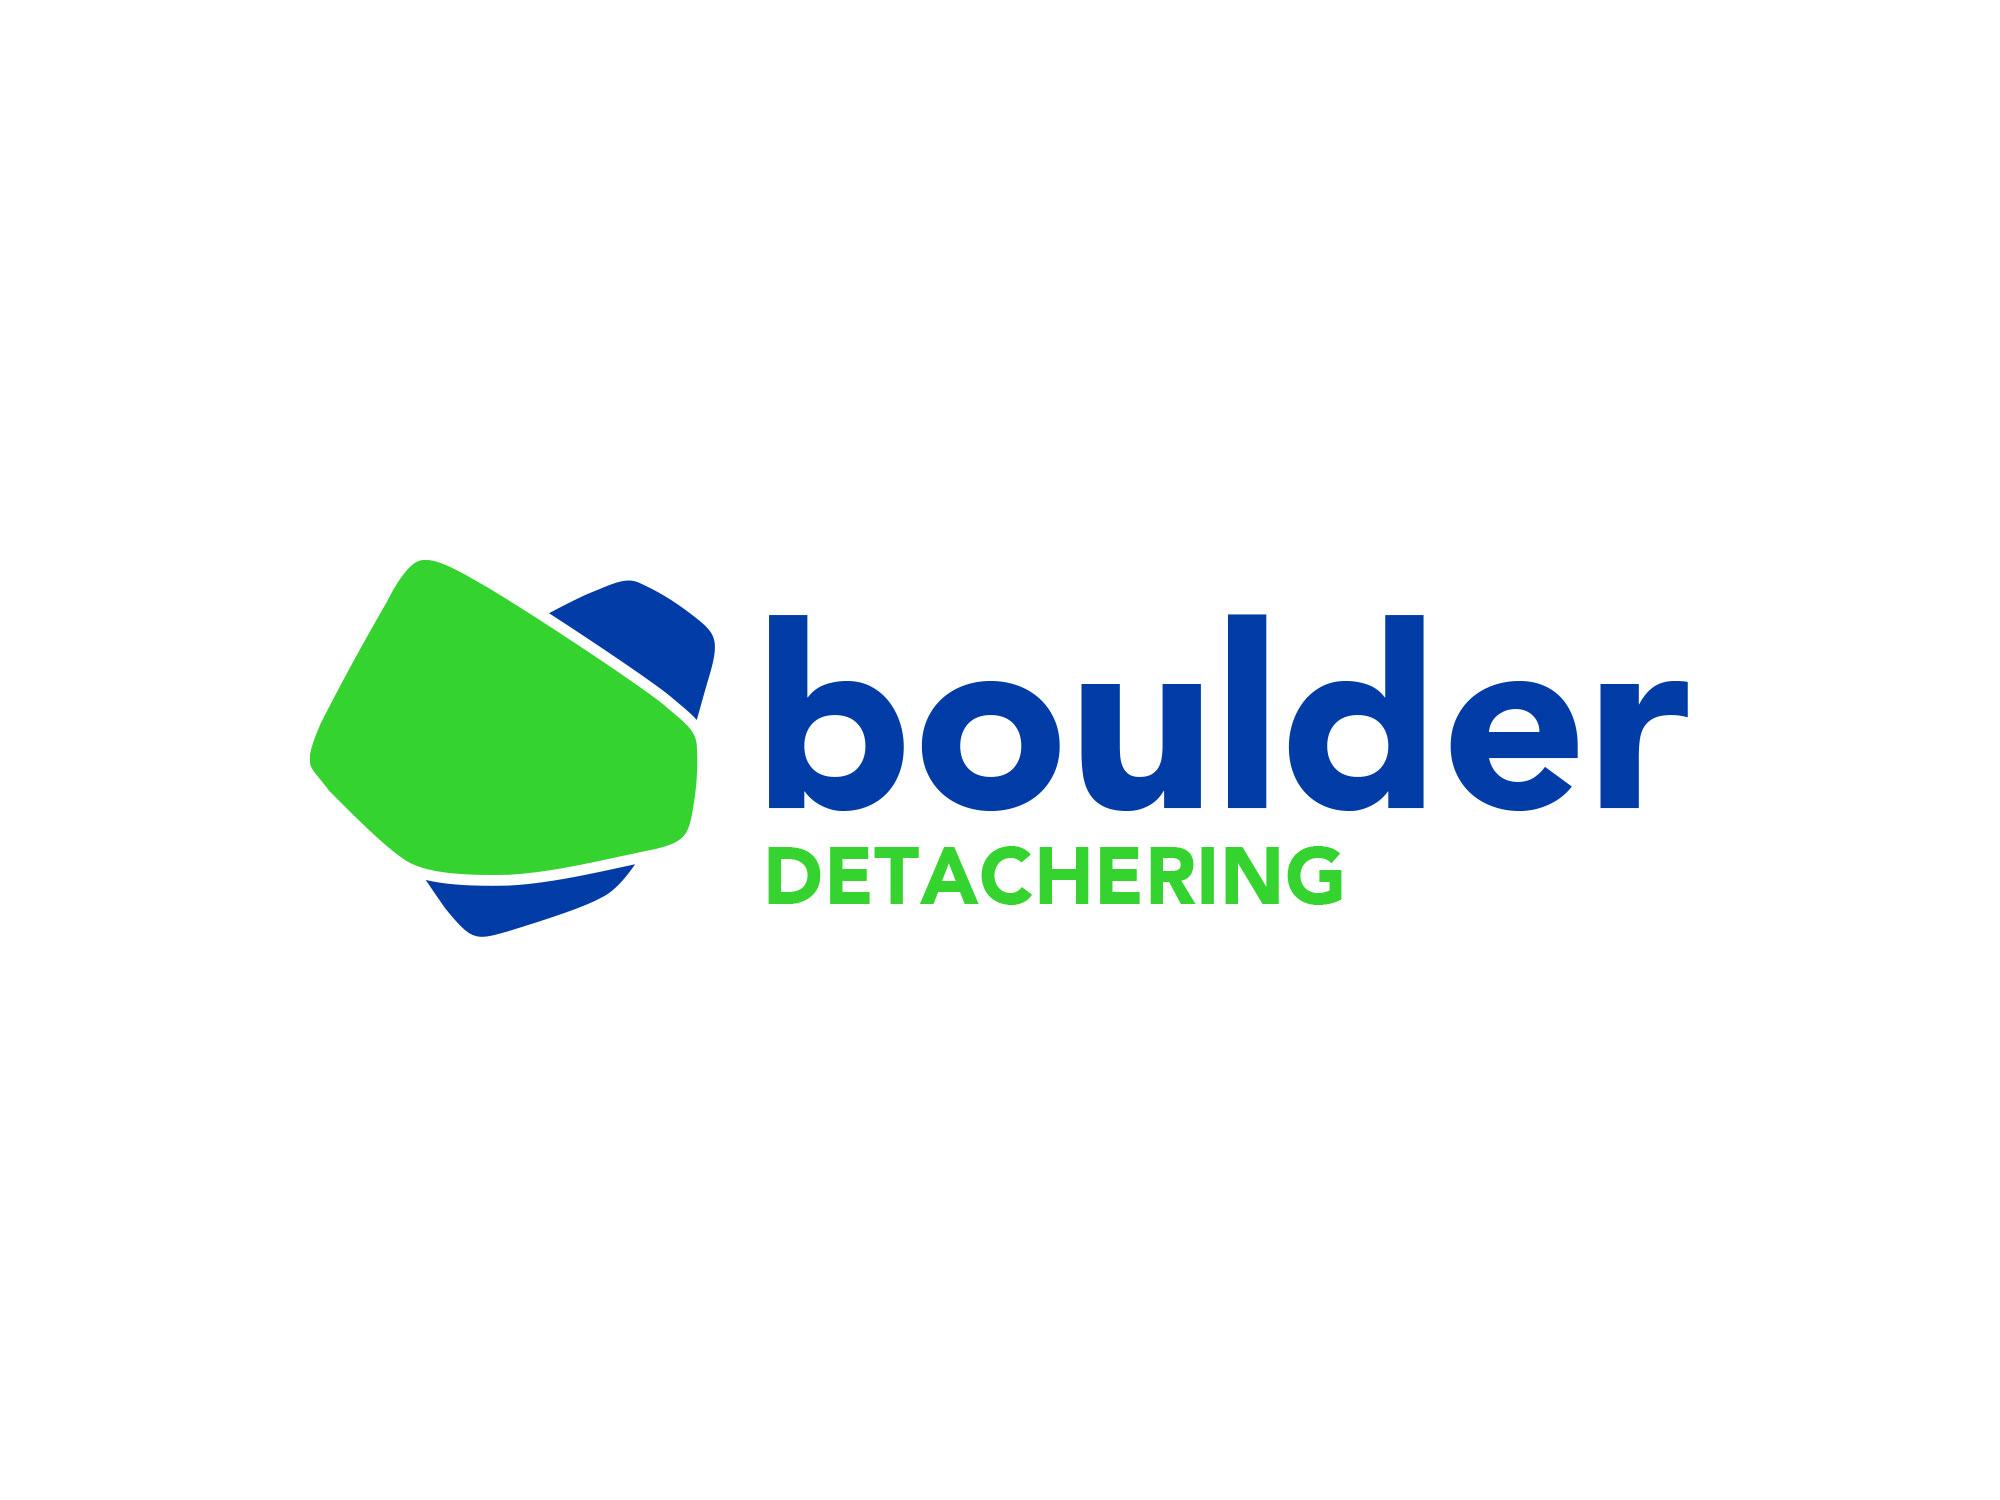 Boulder detachering